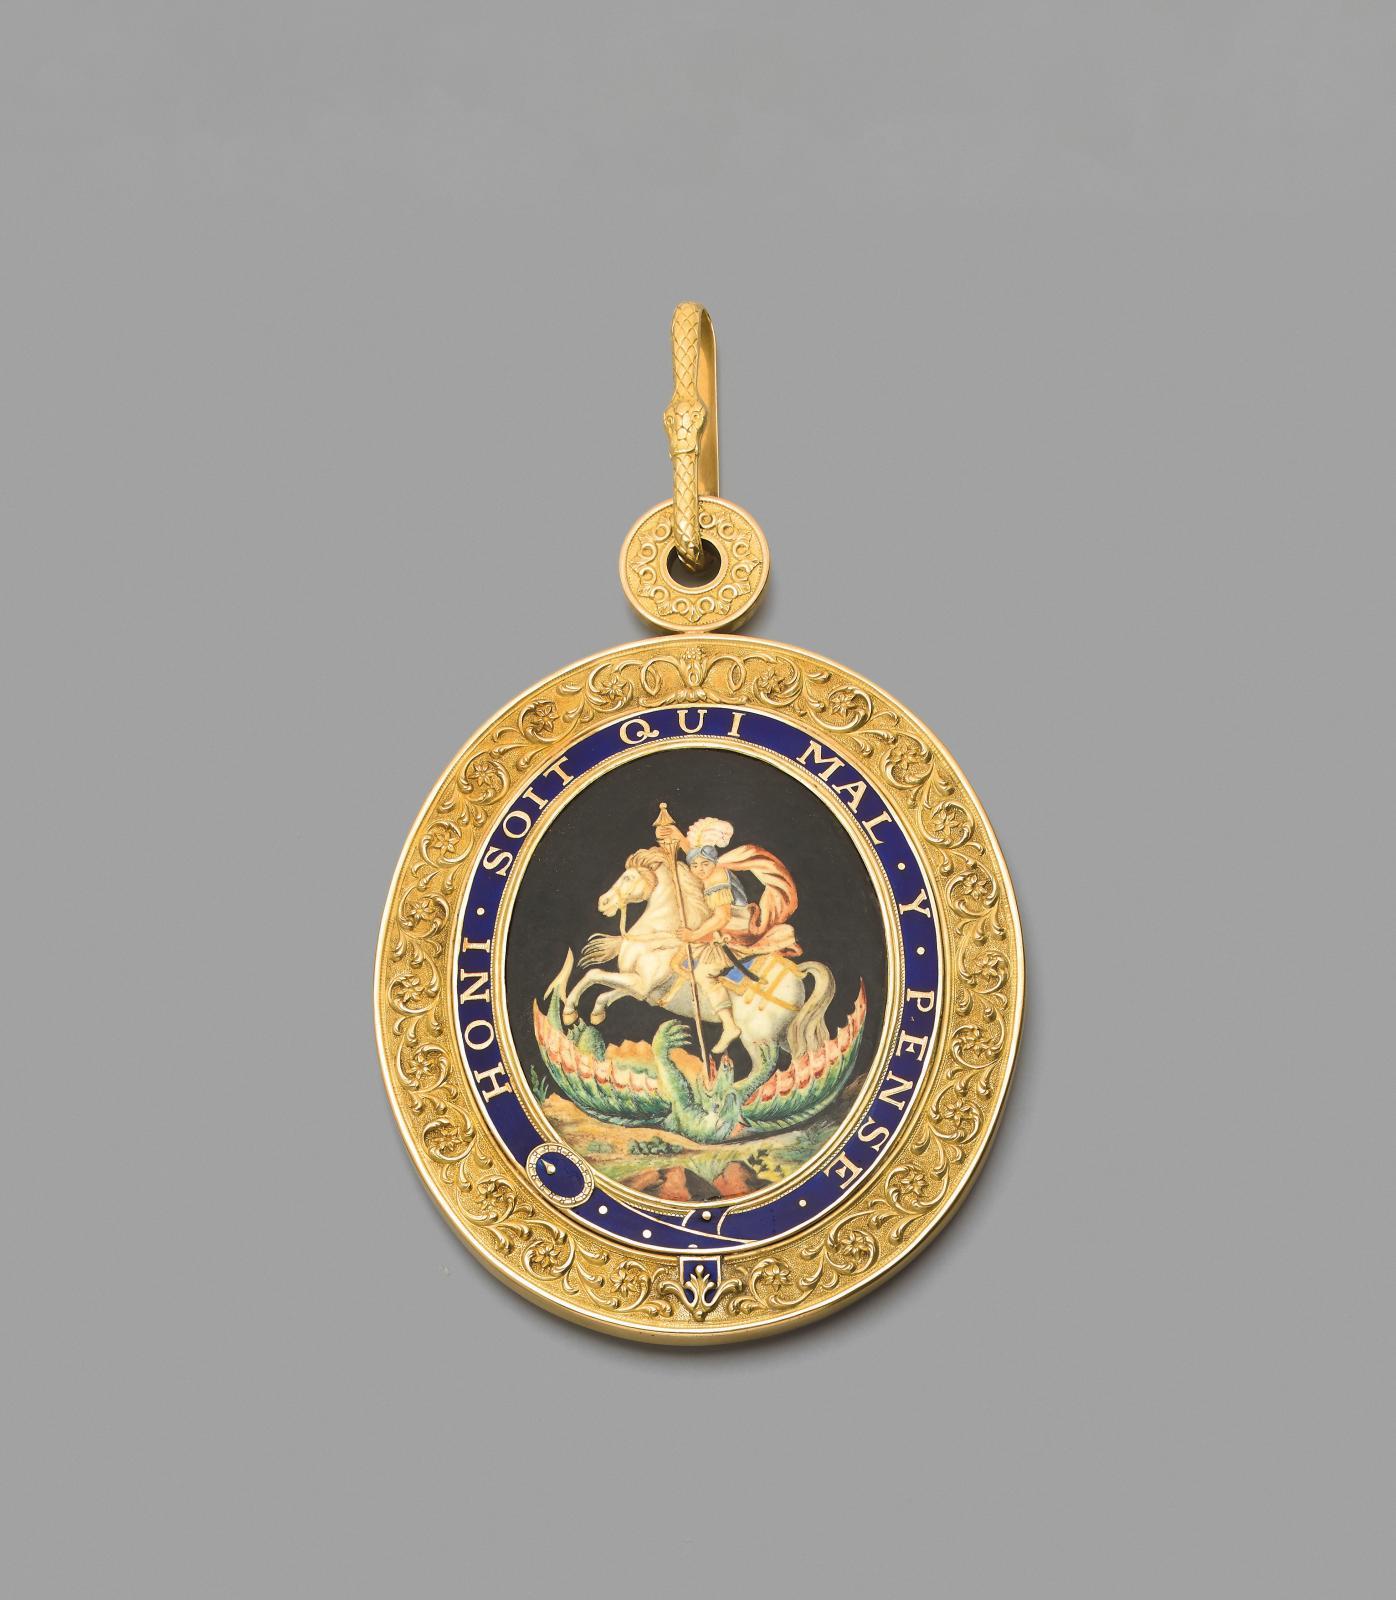 Royaume de Prusse et royaume d'Angleterre, ordre de l'Aigle noir, ordre de la Jarretière, médaillon en vermeil à décor de rinceaux feuilla